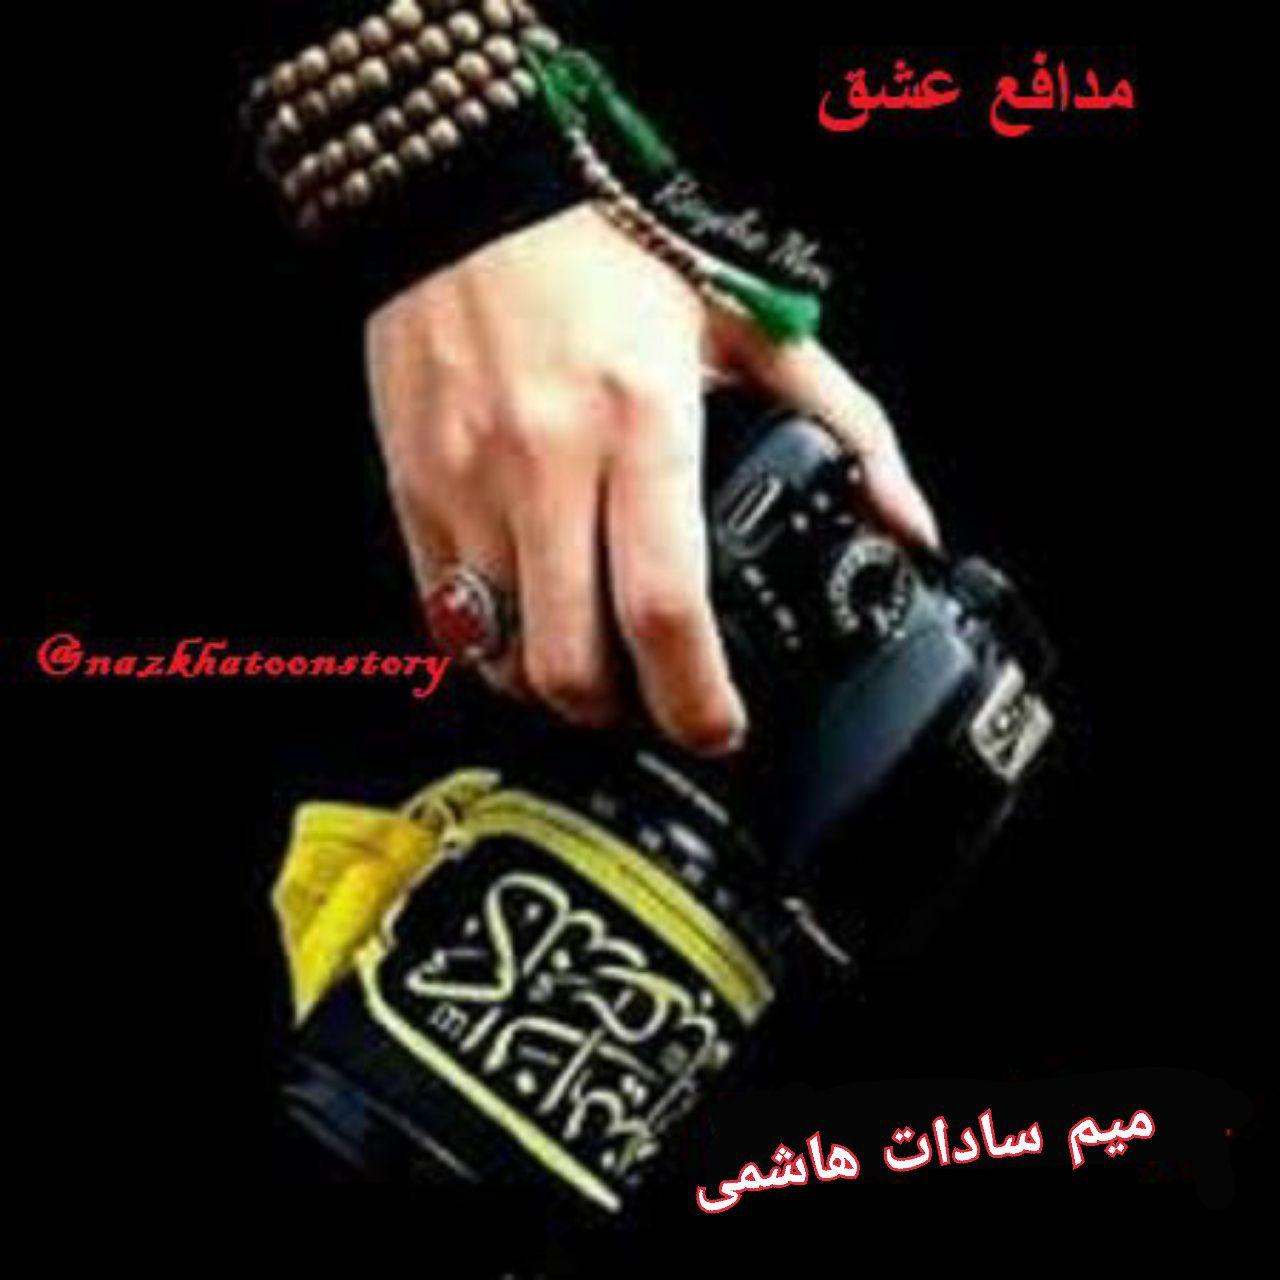 میم سادات هاشمی داستانهای نازخاتون داستان مذهبی